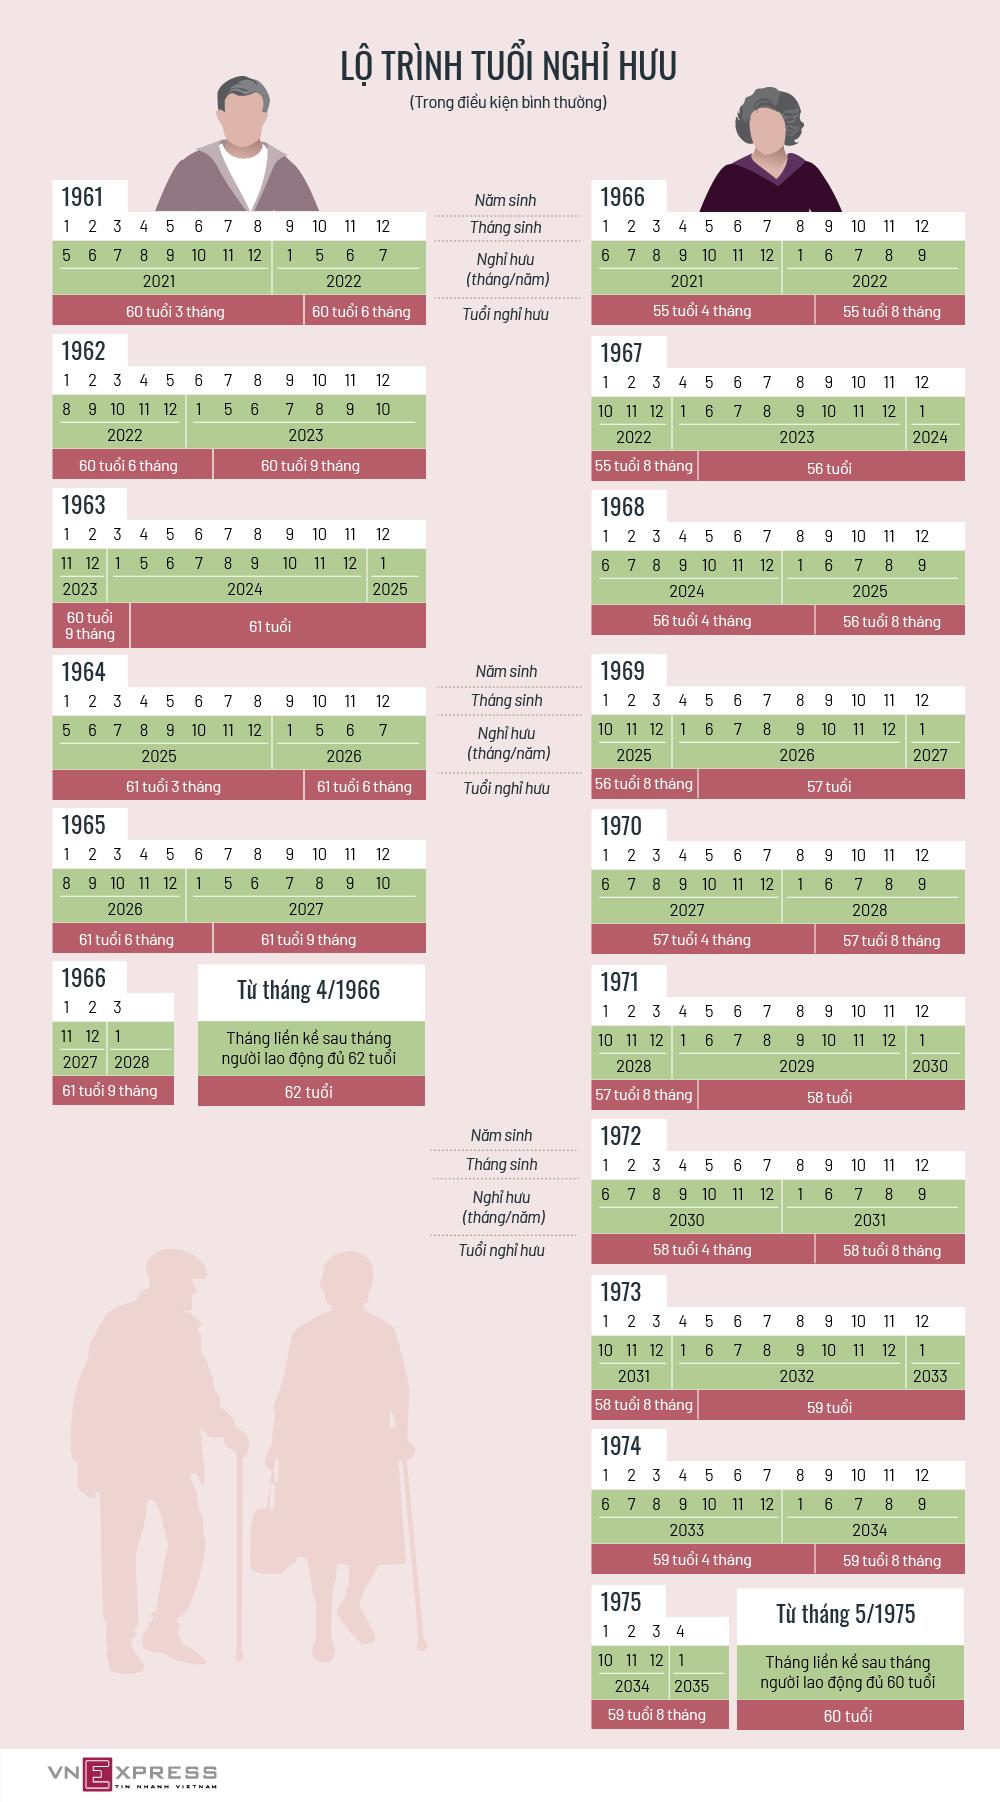 Tuổi nghỉ hưu tương ứng với năm sinh theo lộ trình mới